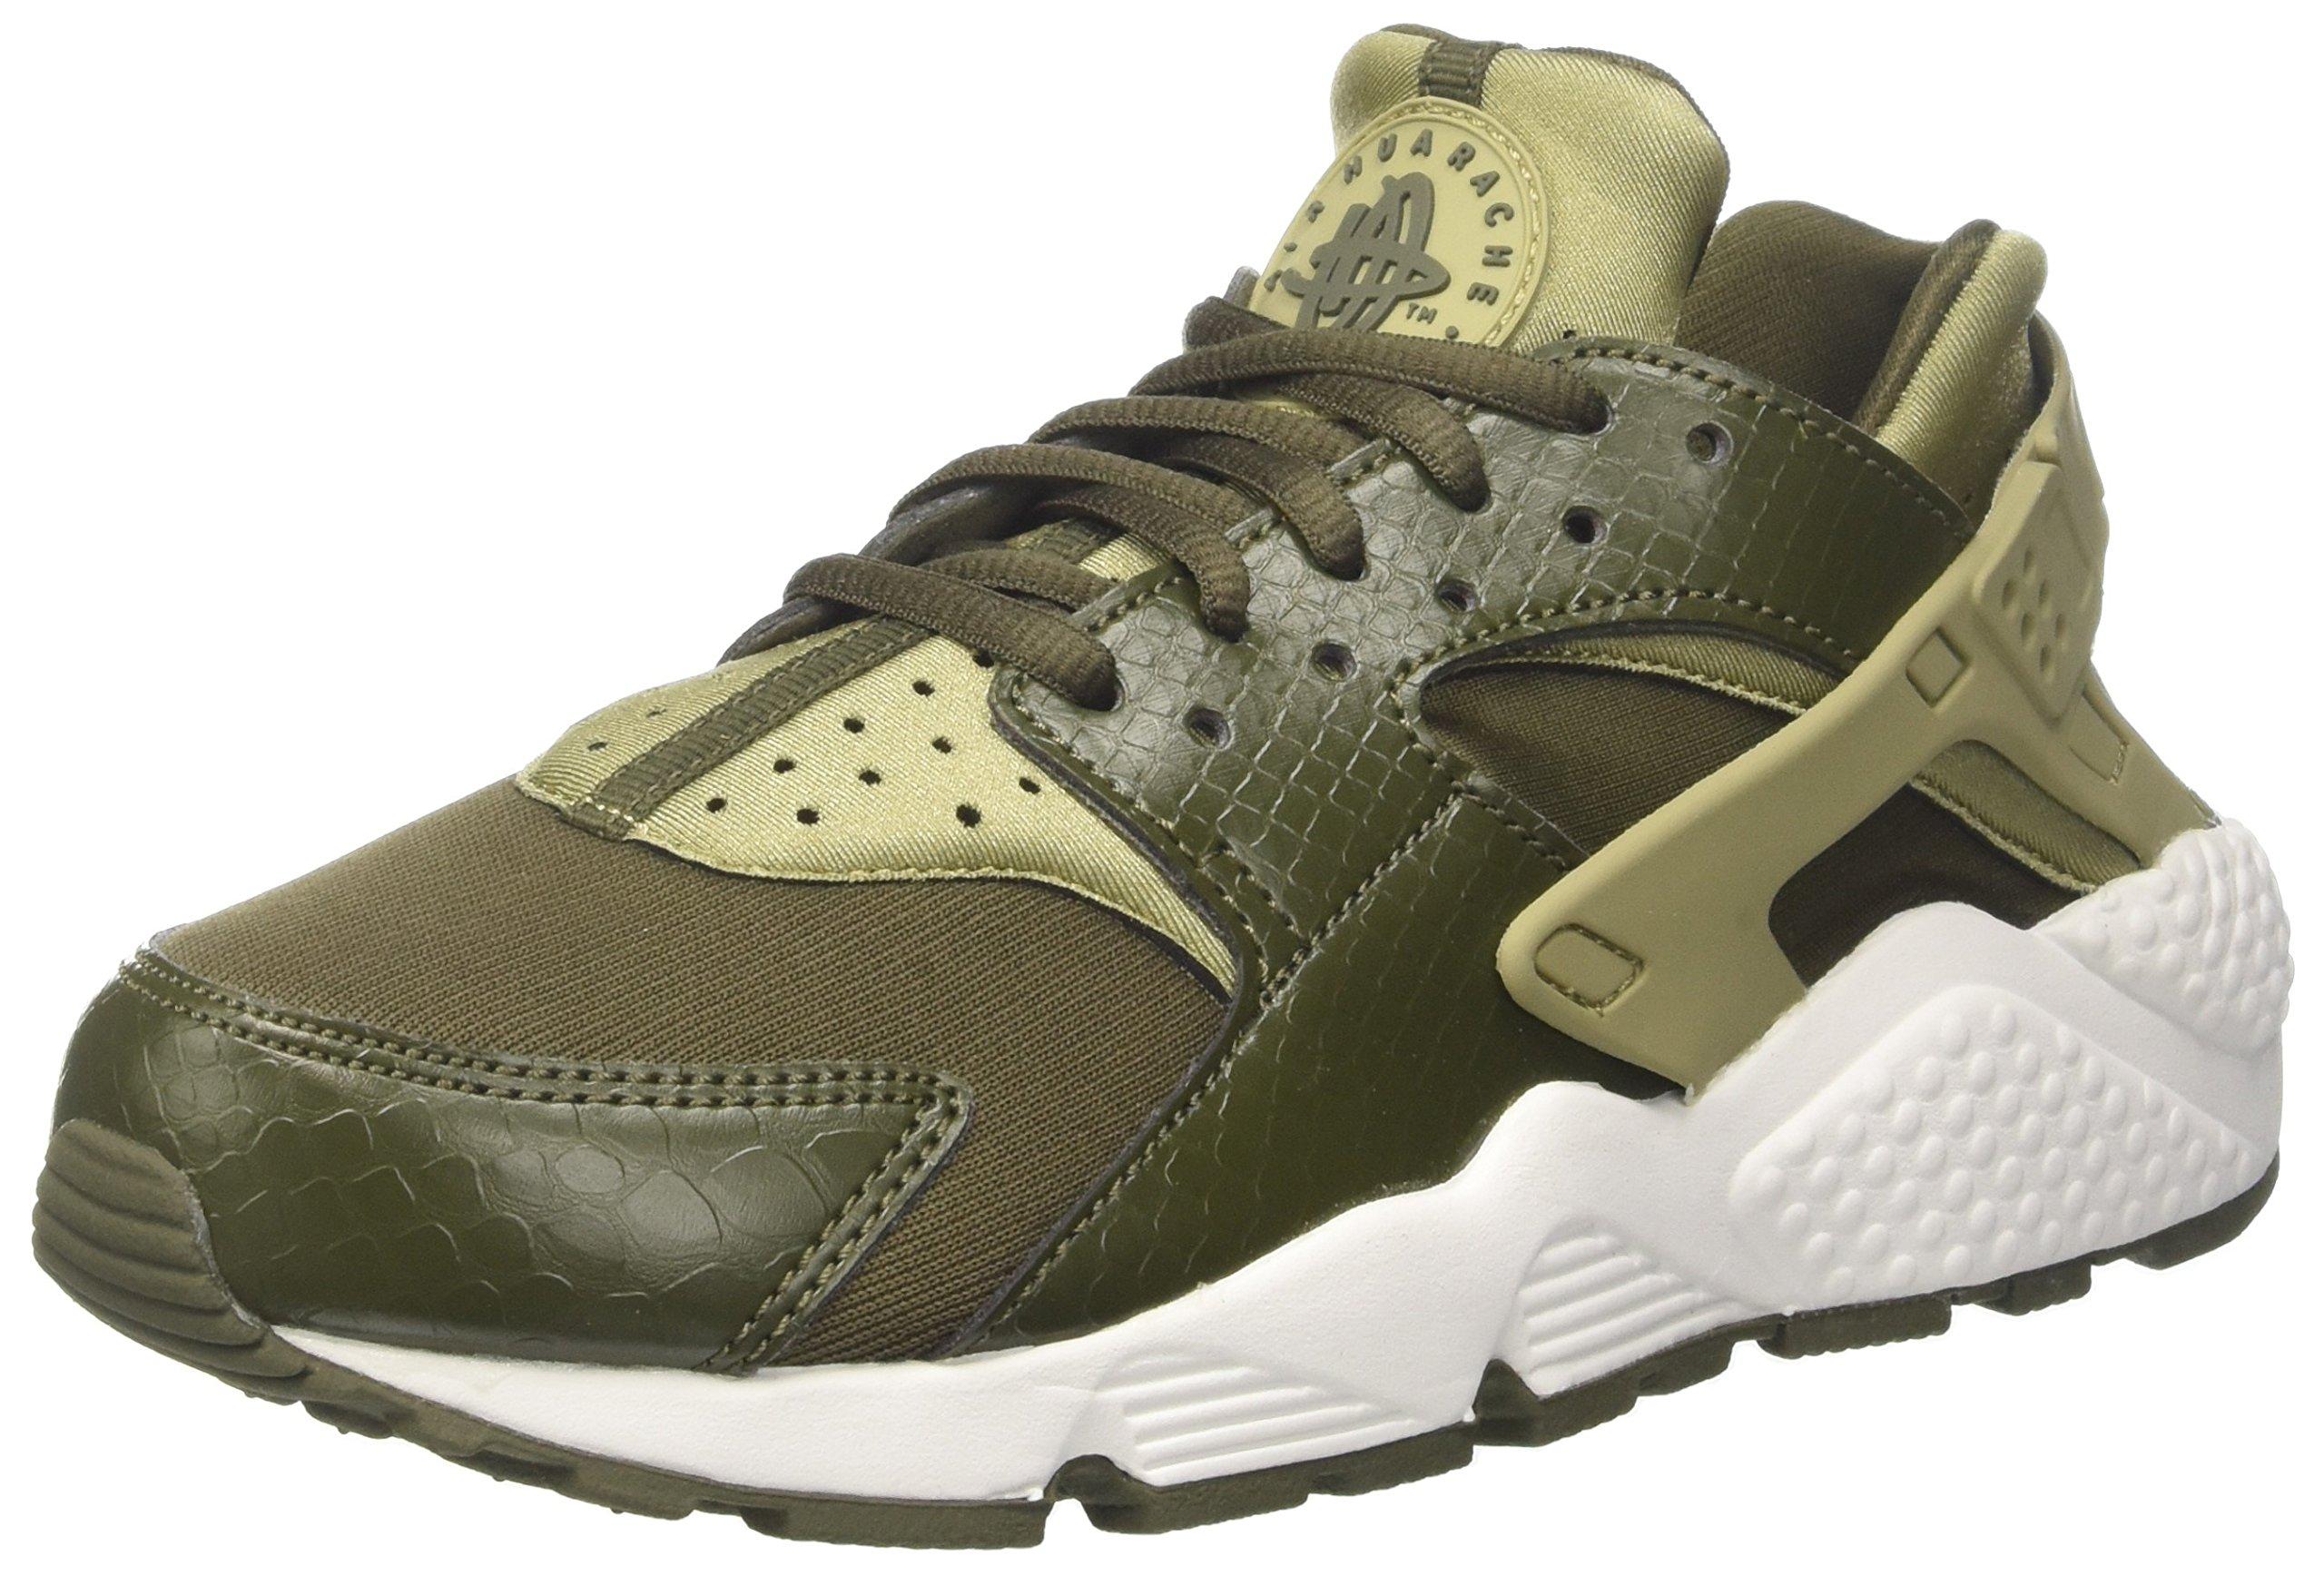 Nike Women's Air Huarache Run Gymnastics Shoes, Green (Neutral Olive/Cargo Khaki/Summ 201), 4 UK